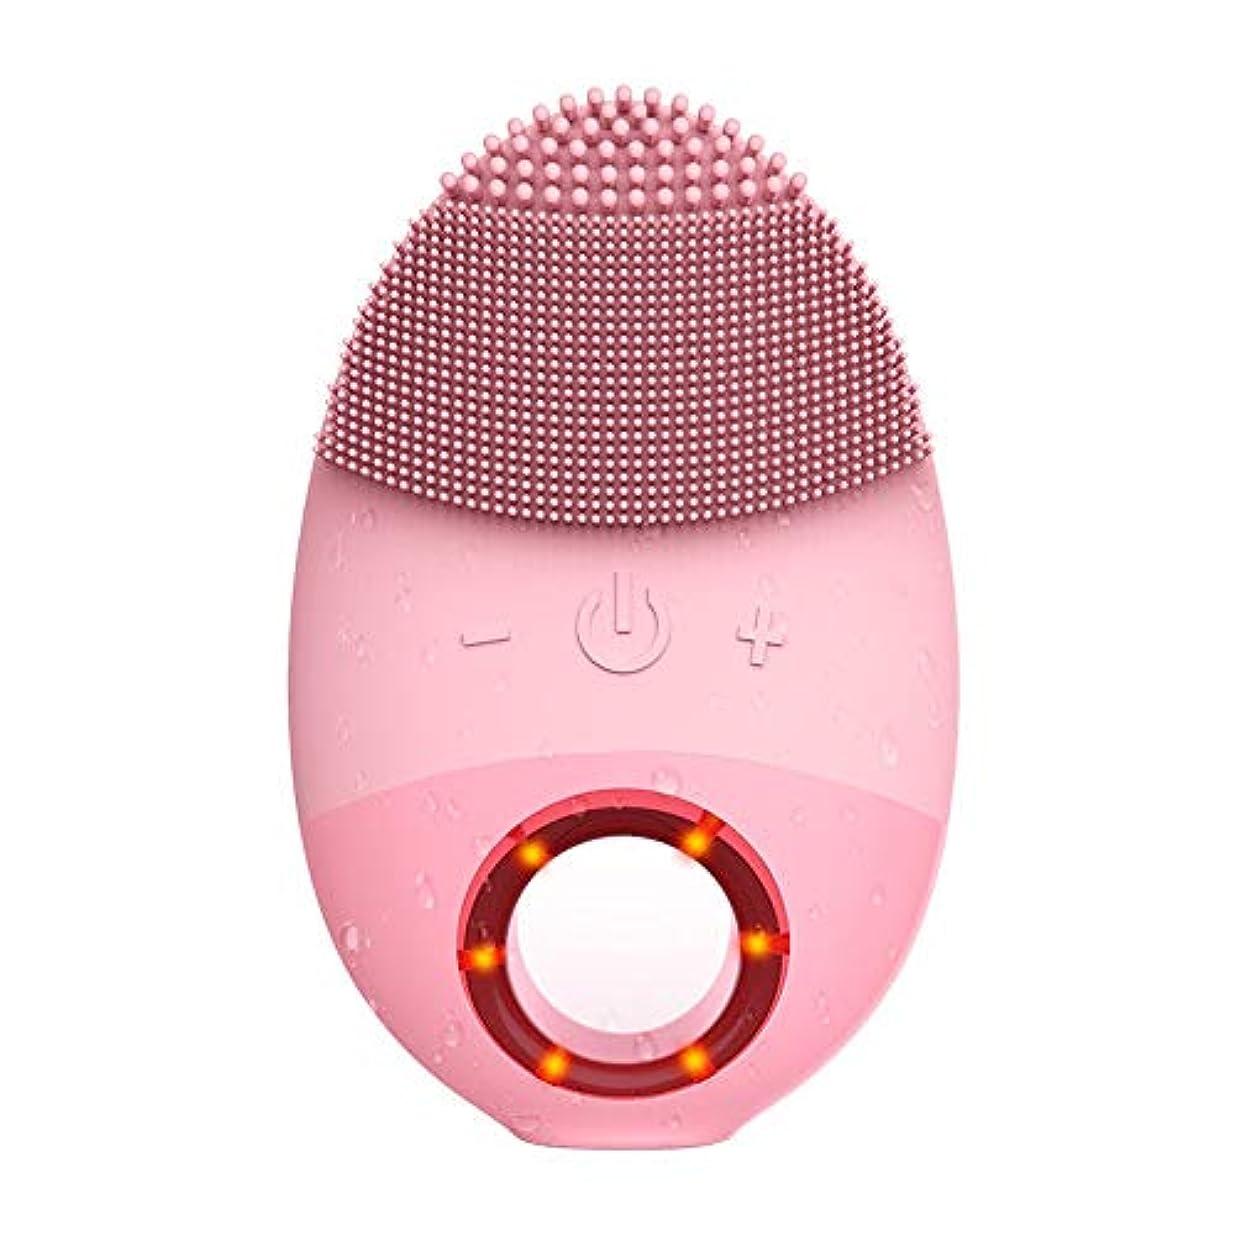 勝利した啓示名詞ZXF 多機能シリコン防水洗浄ブラシ超音波振動洗浄器具美容器具マッサージ器具洗浄器具 滑らかである (色 : Pink)